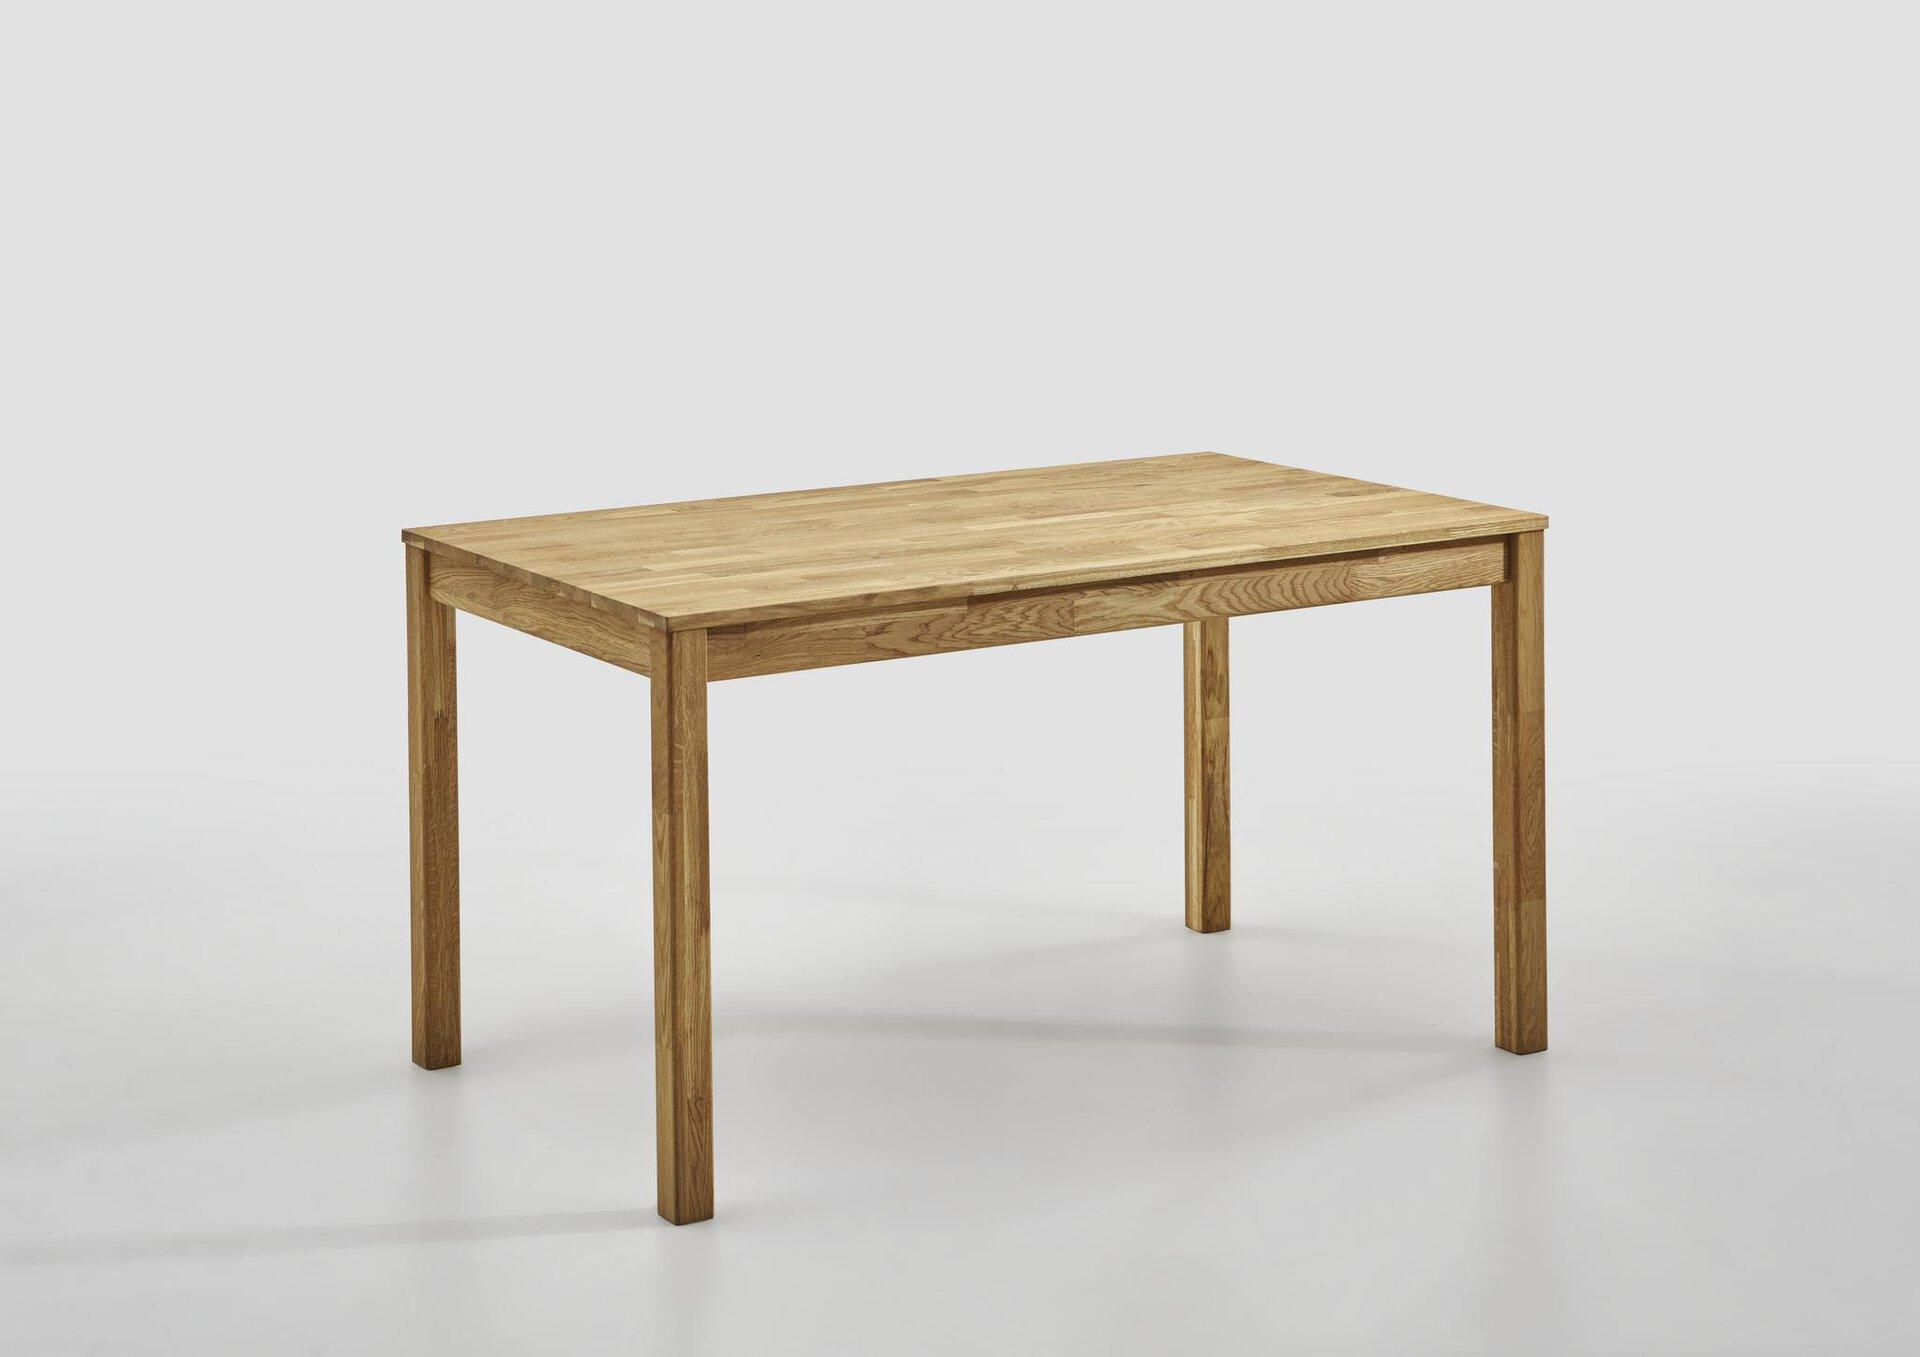 Esstisch MAILO SELF Holz braun 80 x 75 x 140 cm